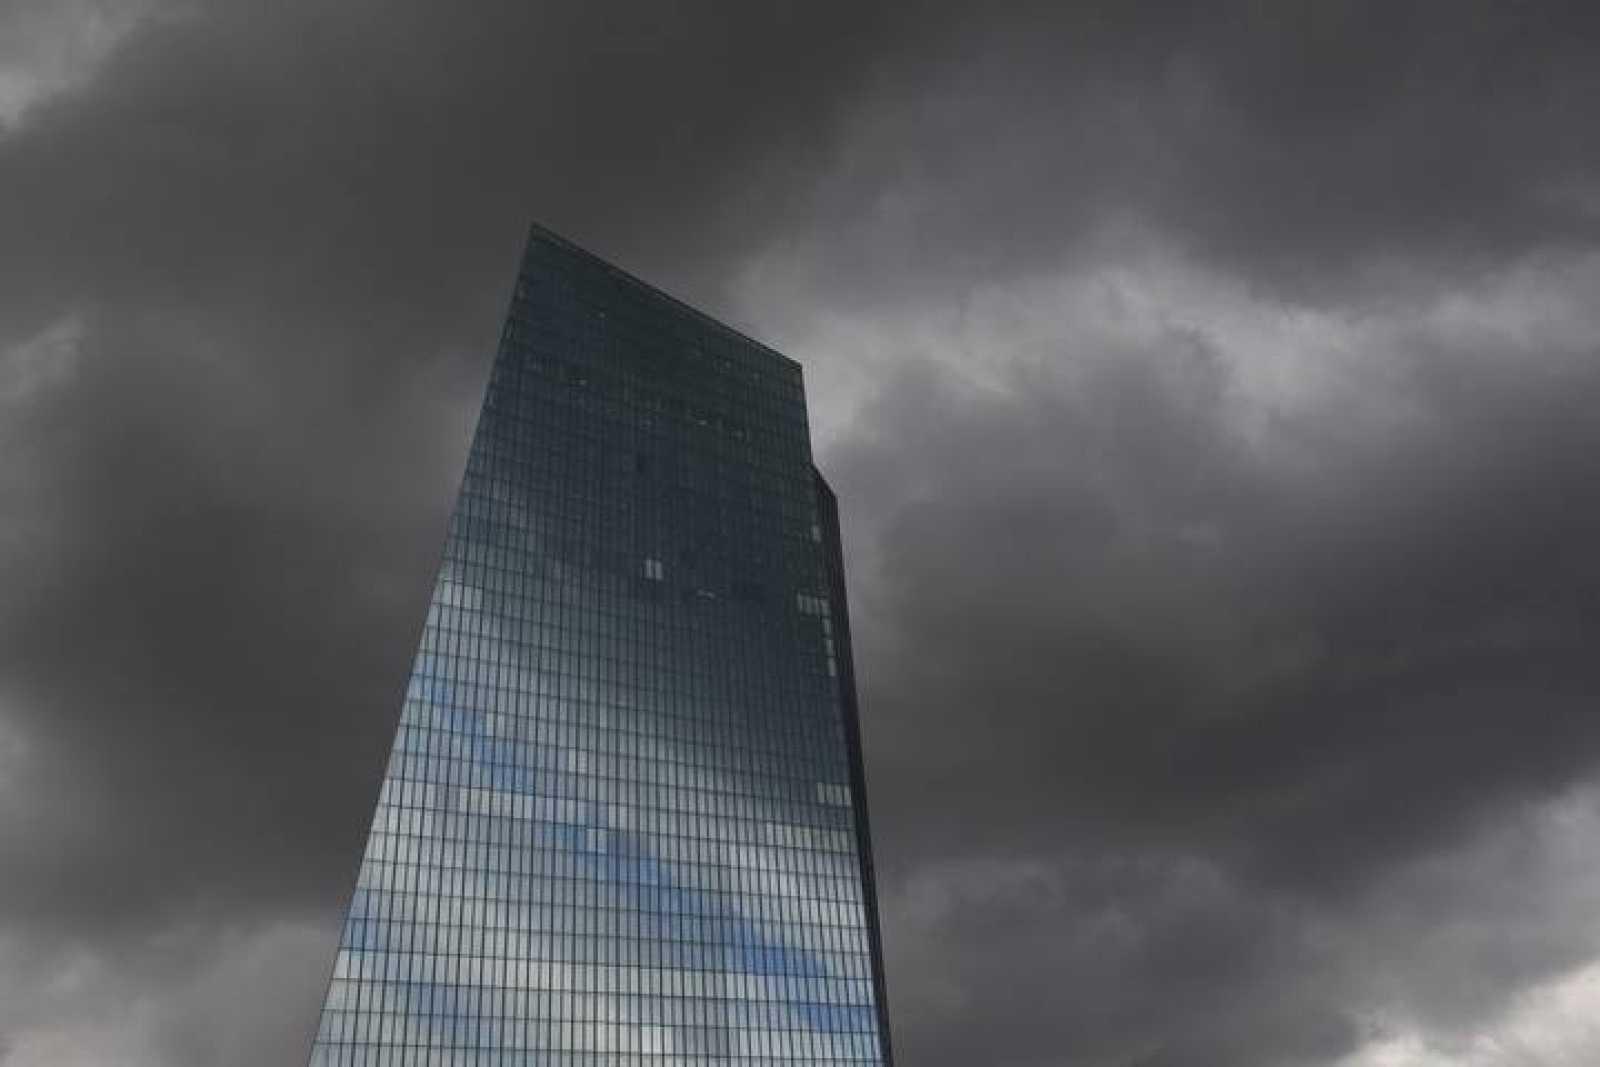 La nueva sede del Banco Central Europeo en Fráncfort